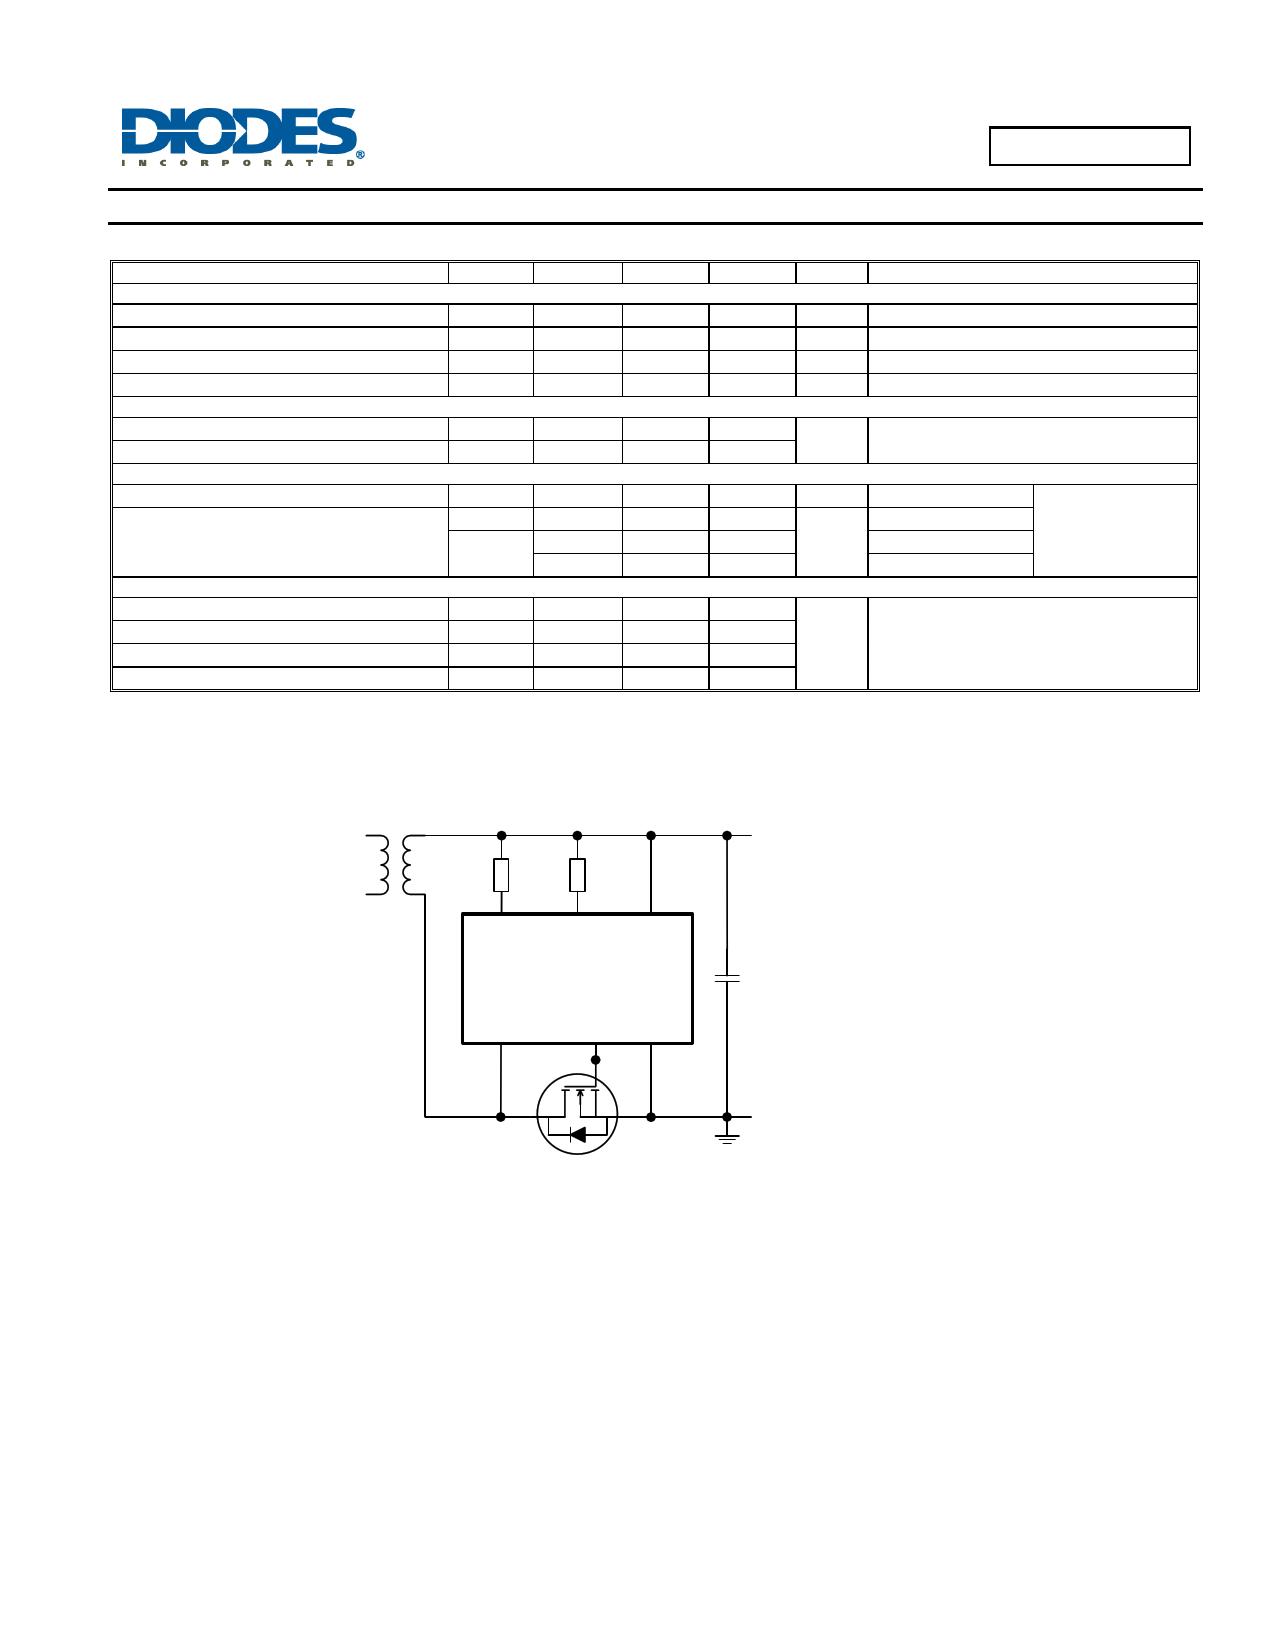 ZXGD3107N8 pdf